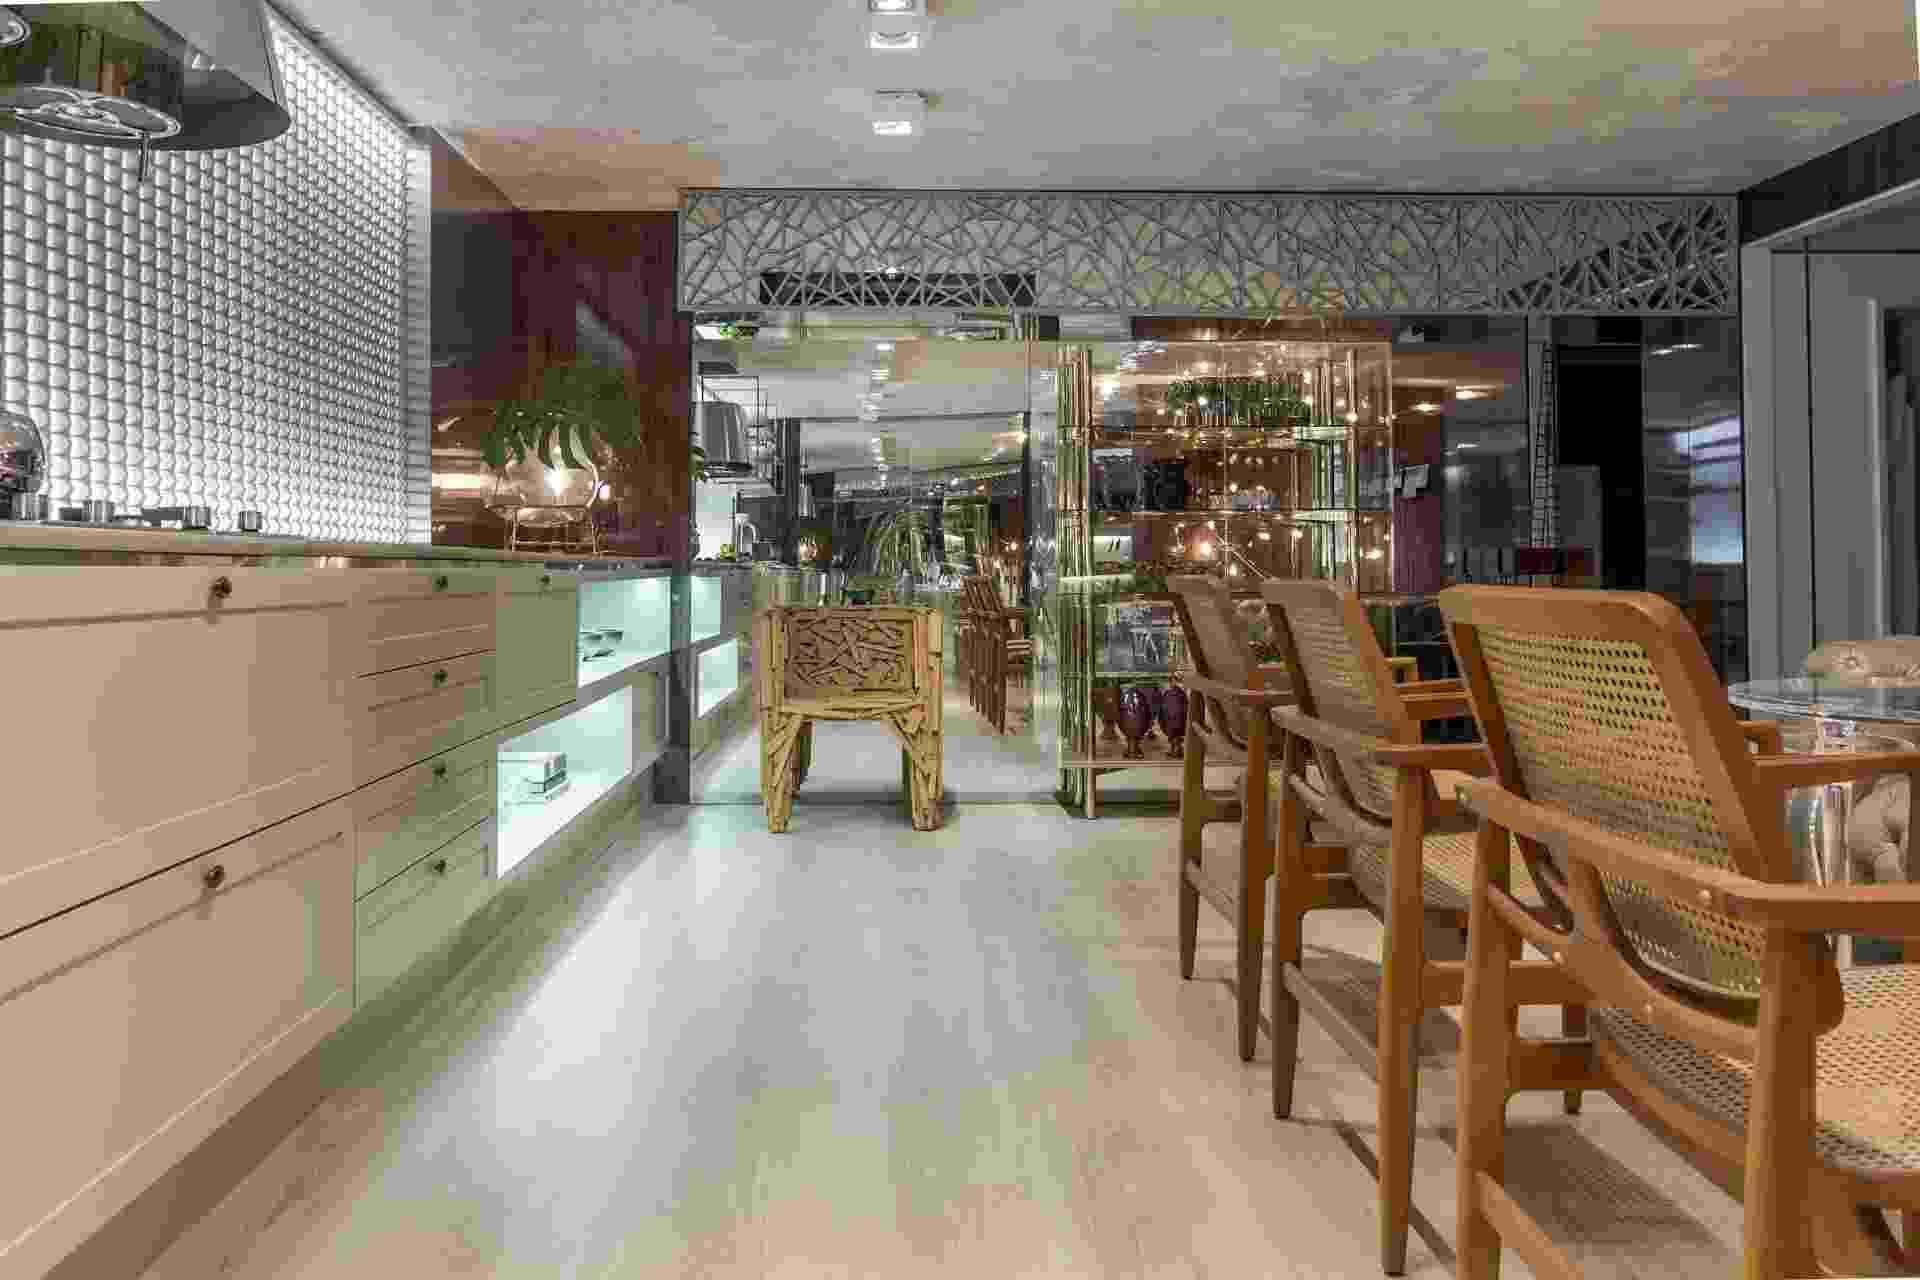 Casa Cor Paraíba 2016 - Para a Cozinha da Chef, Raquel Claudino e Geórgia Suassuna desenharam um painel vazado de aço, que emoldura o topo da parede espelhada. À esquerda, na janela, a cortina Parametre (HunterDouglas) é um painel de ecorresina recortado, que pode ser usado como divisória. Os elementos são contemporâneos e combinam com o mix de acabamentos e estilos de móveis do espaço - undefined